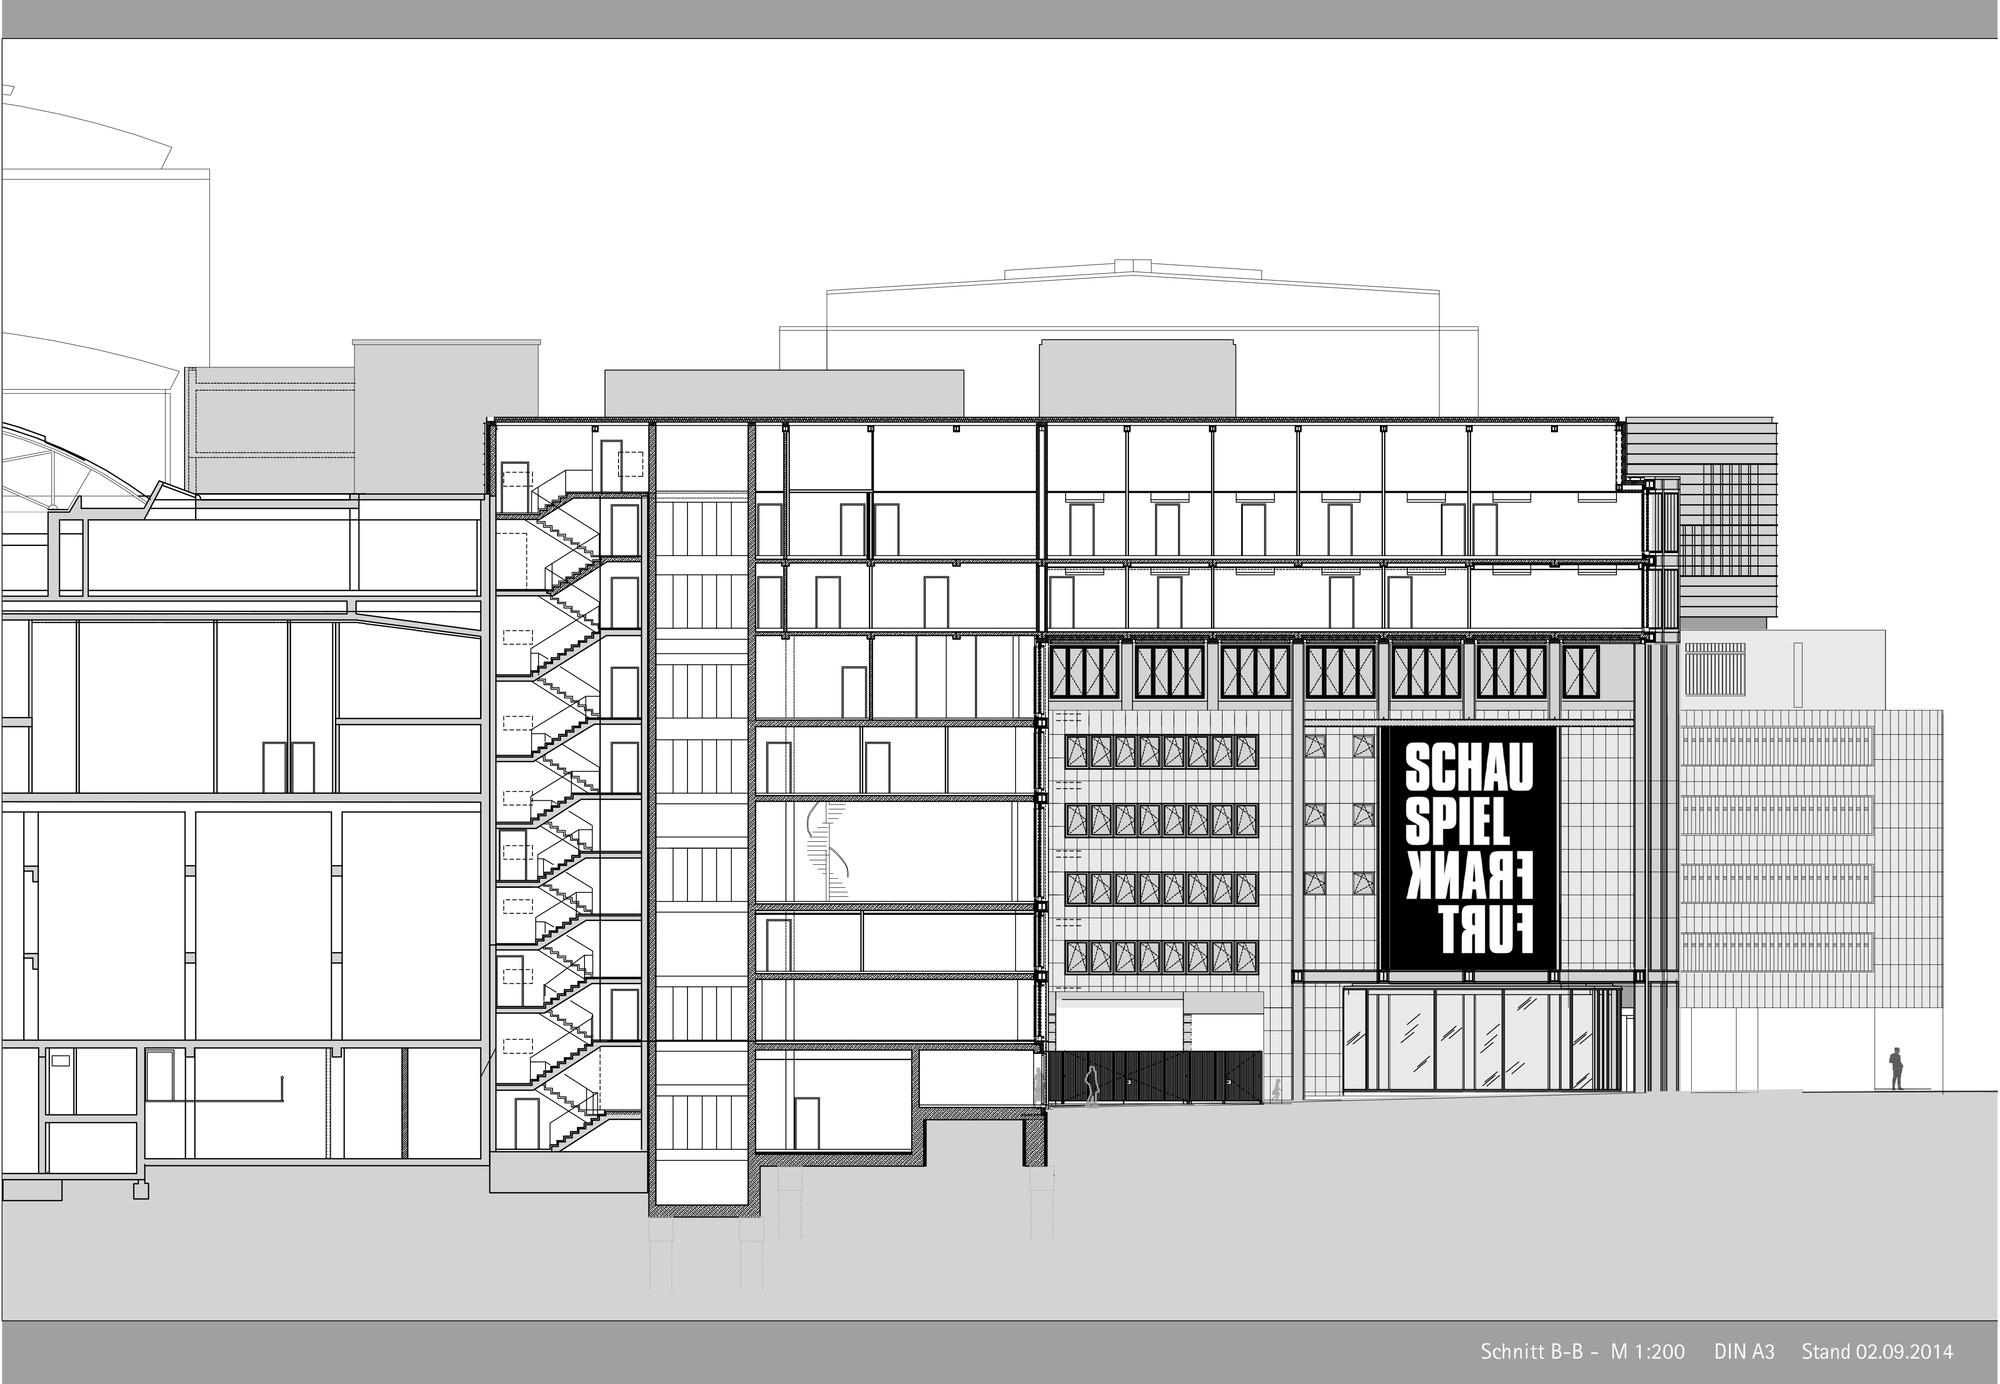 Stdtische Bhnen Theatre Workshops  Gmp Architekten  Archdaily-5120